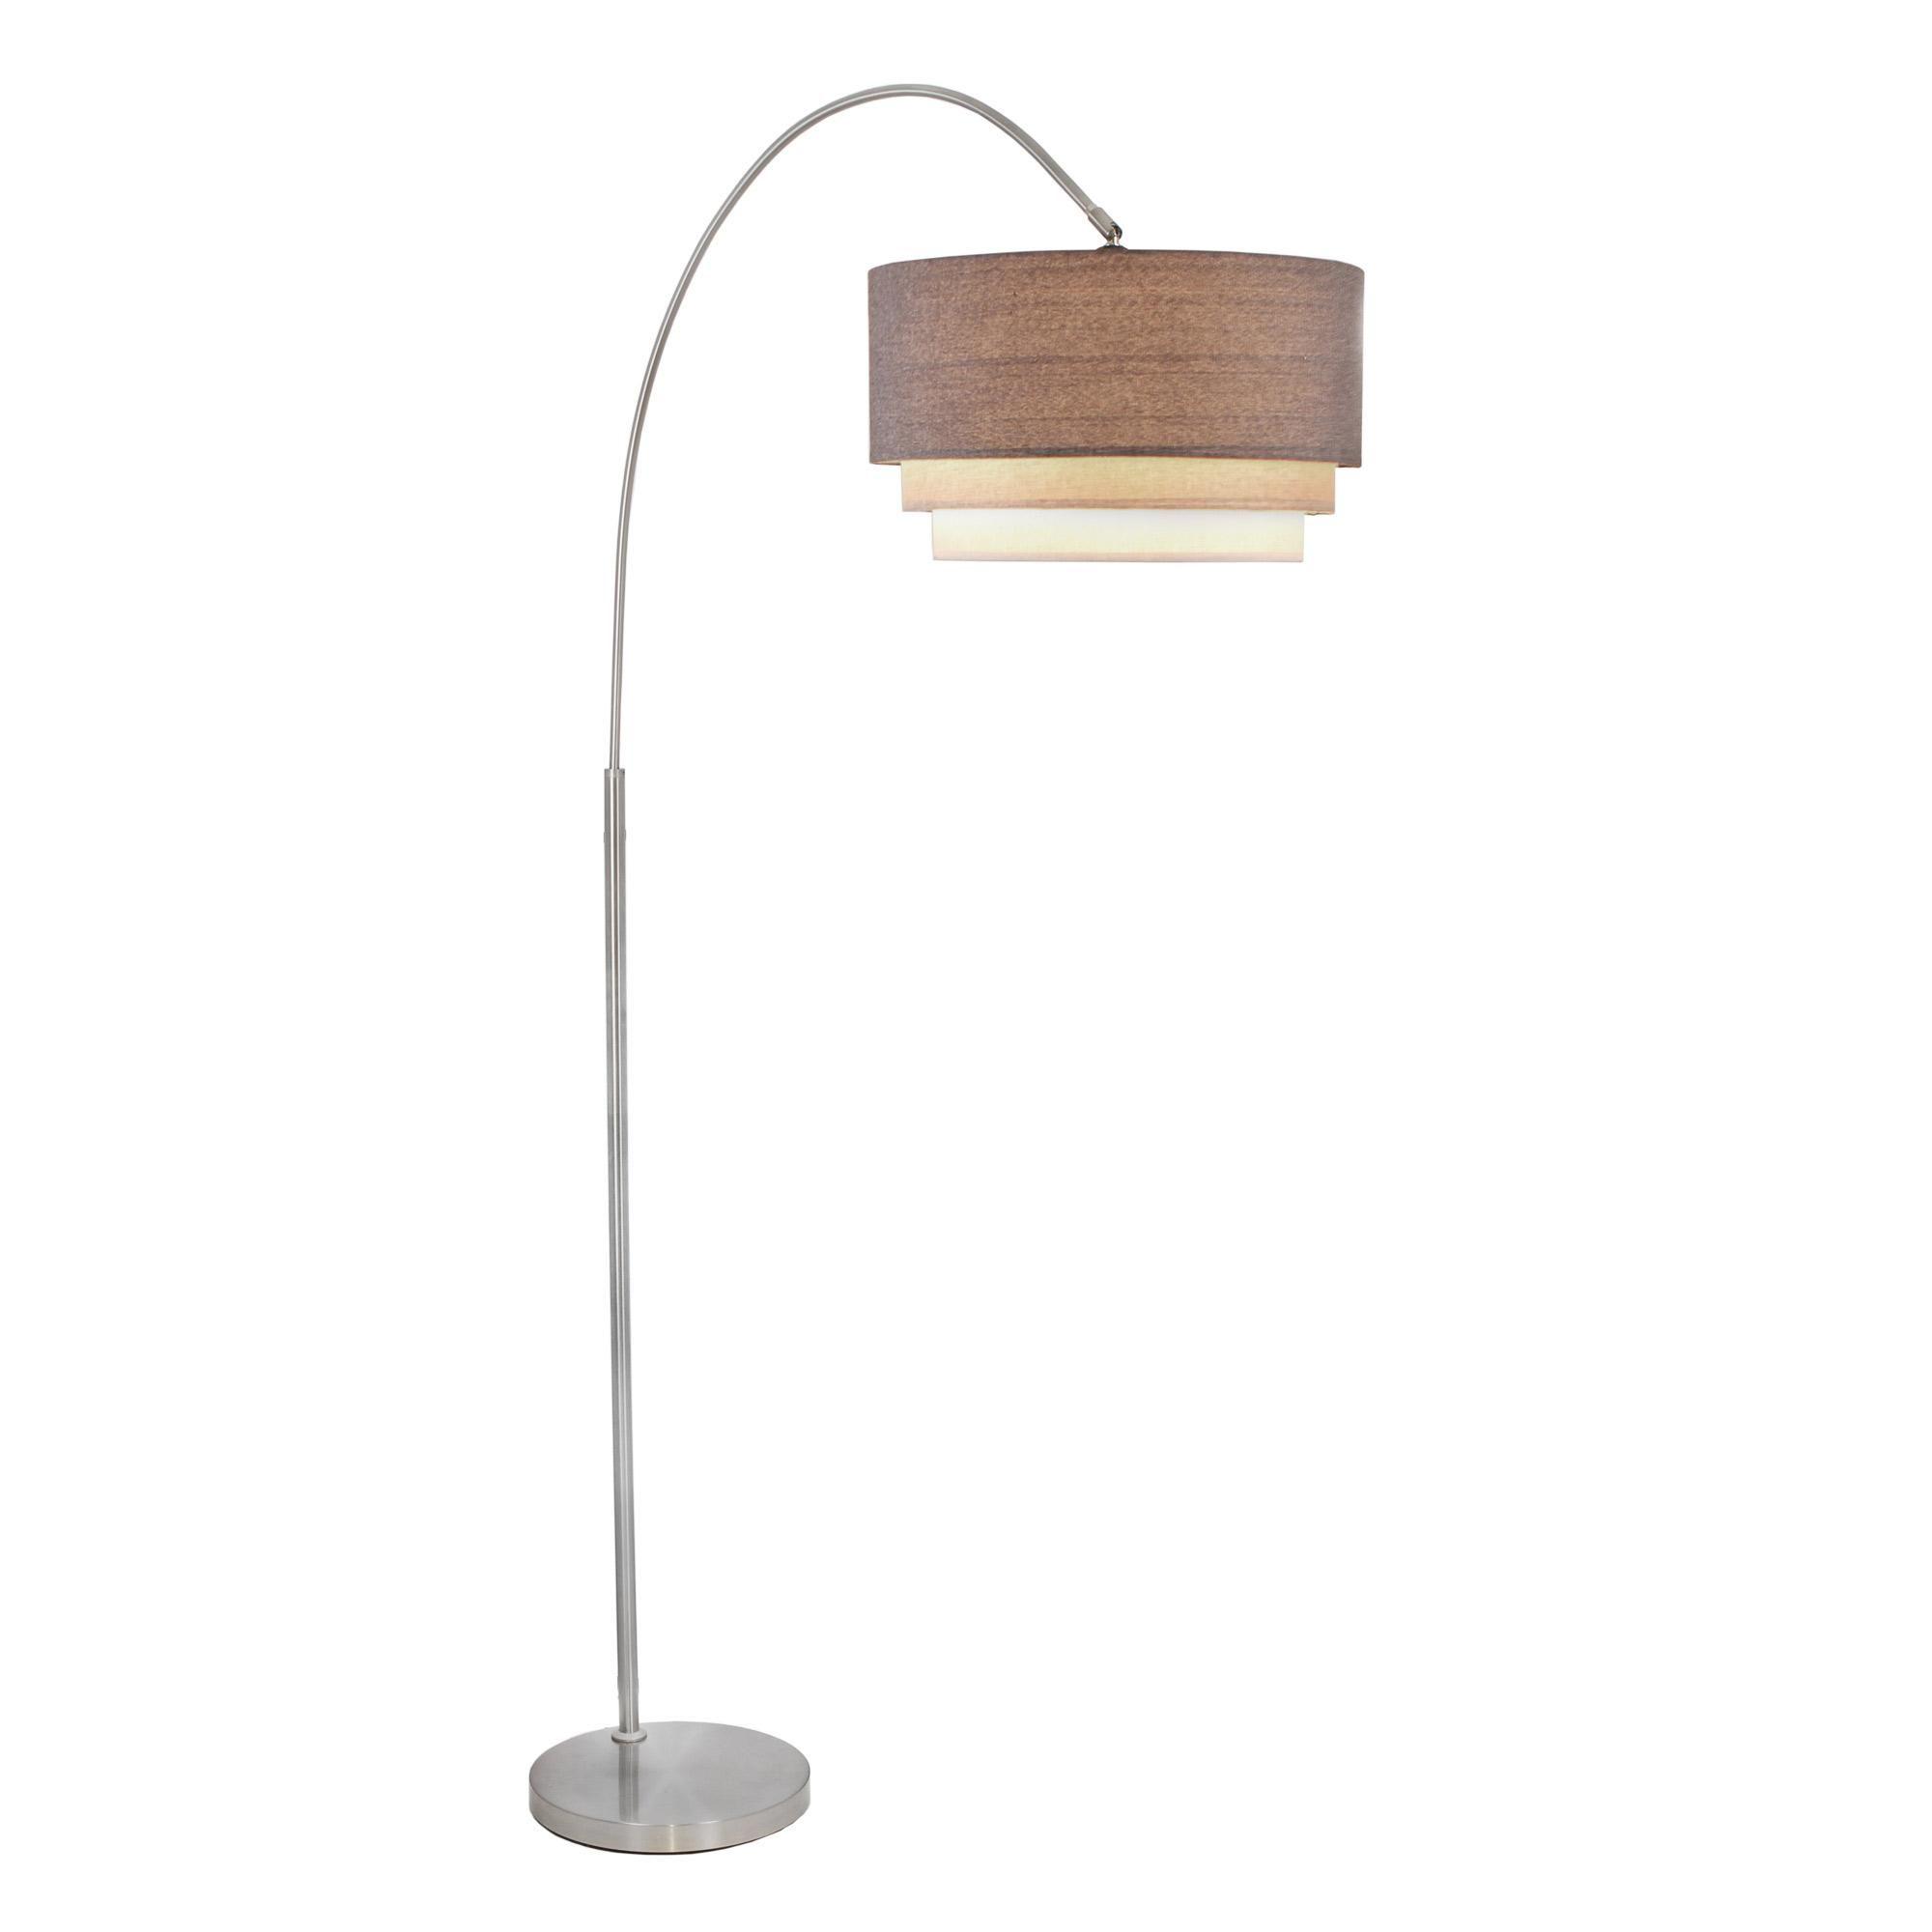 Eclipse 3 Tier Floor Lamp